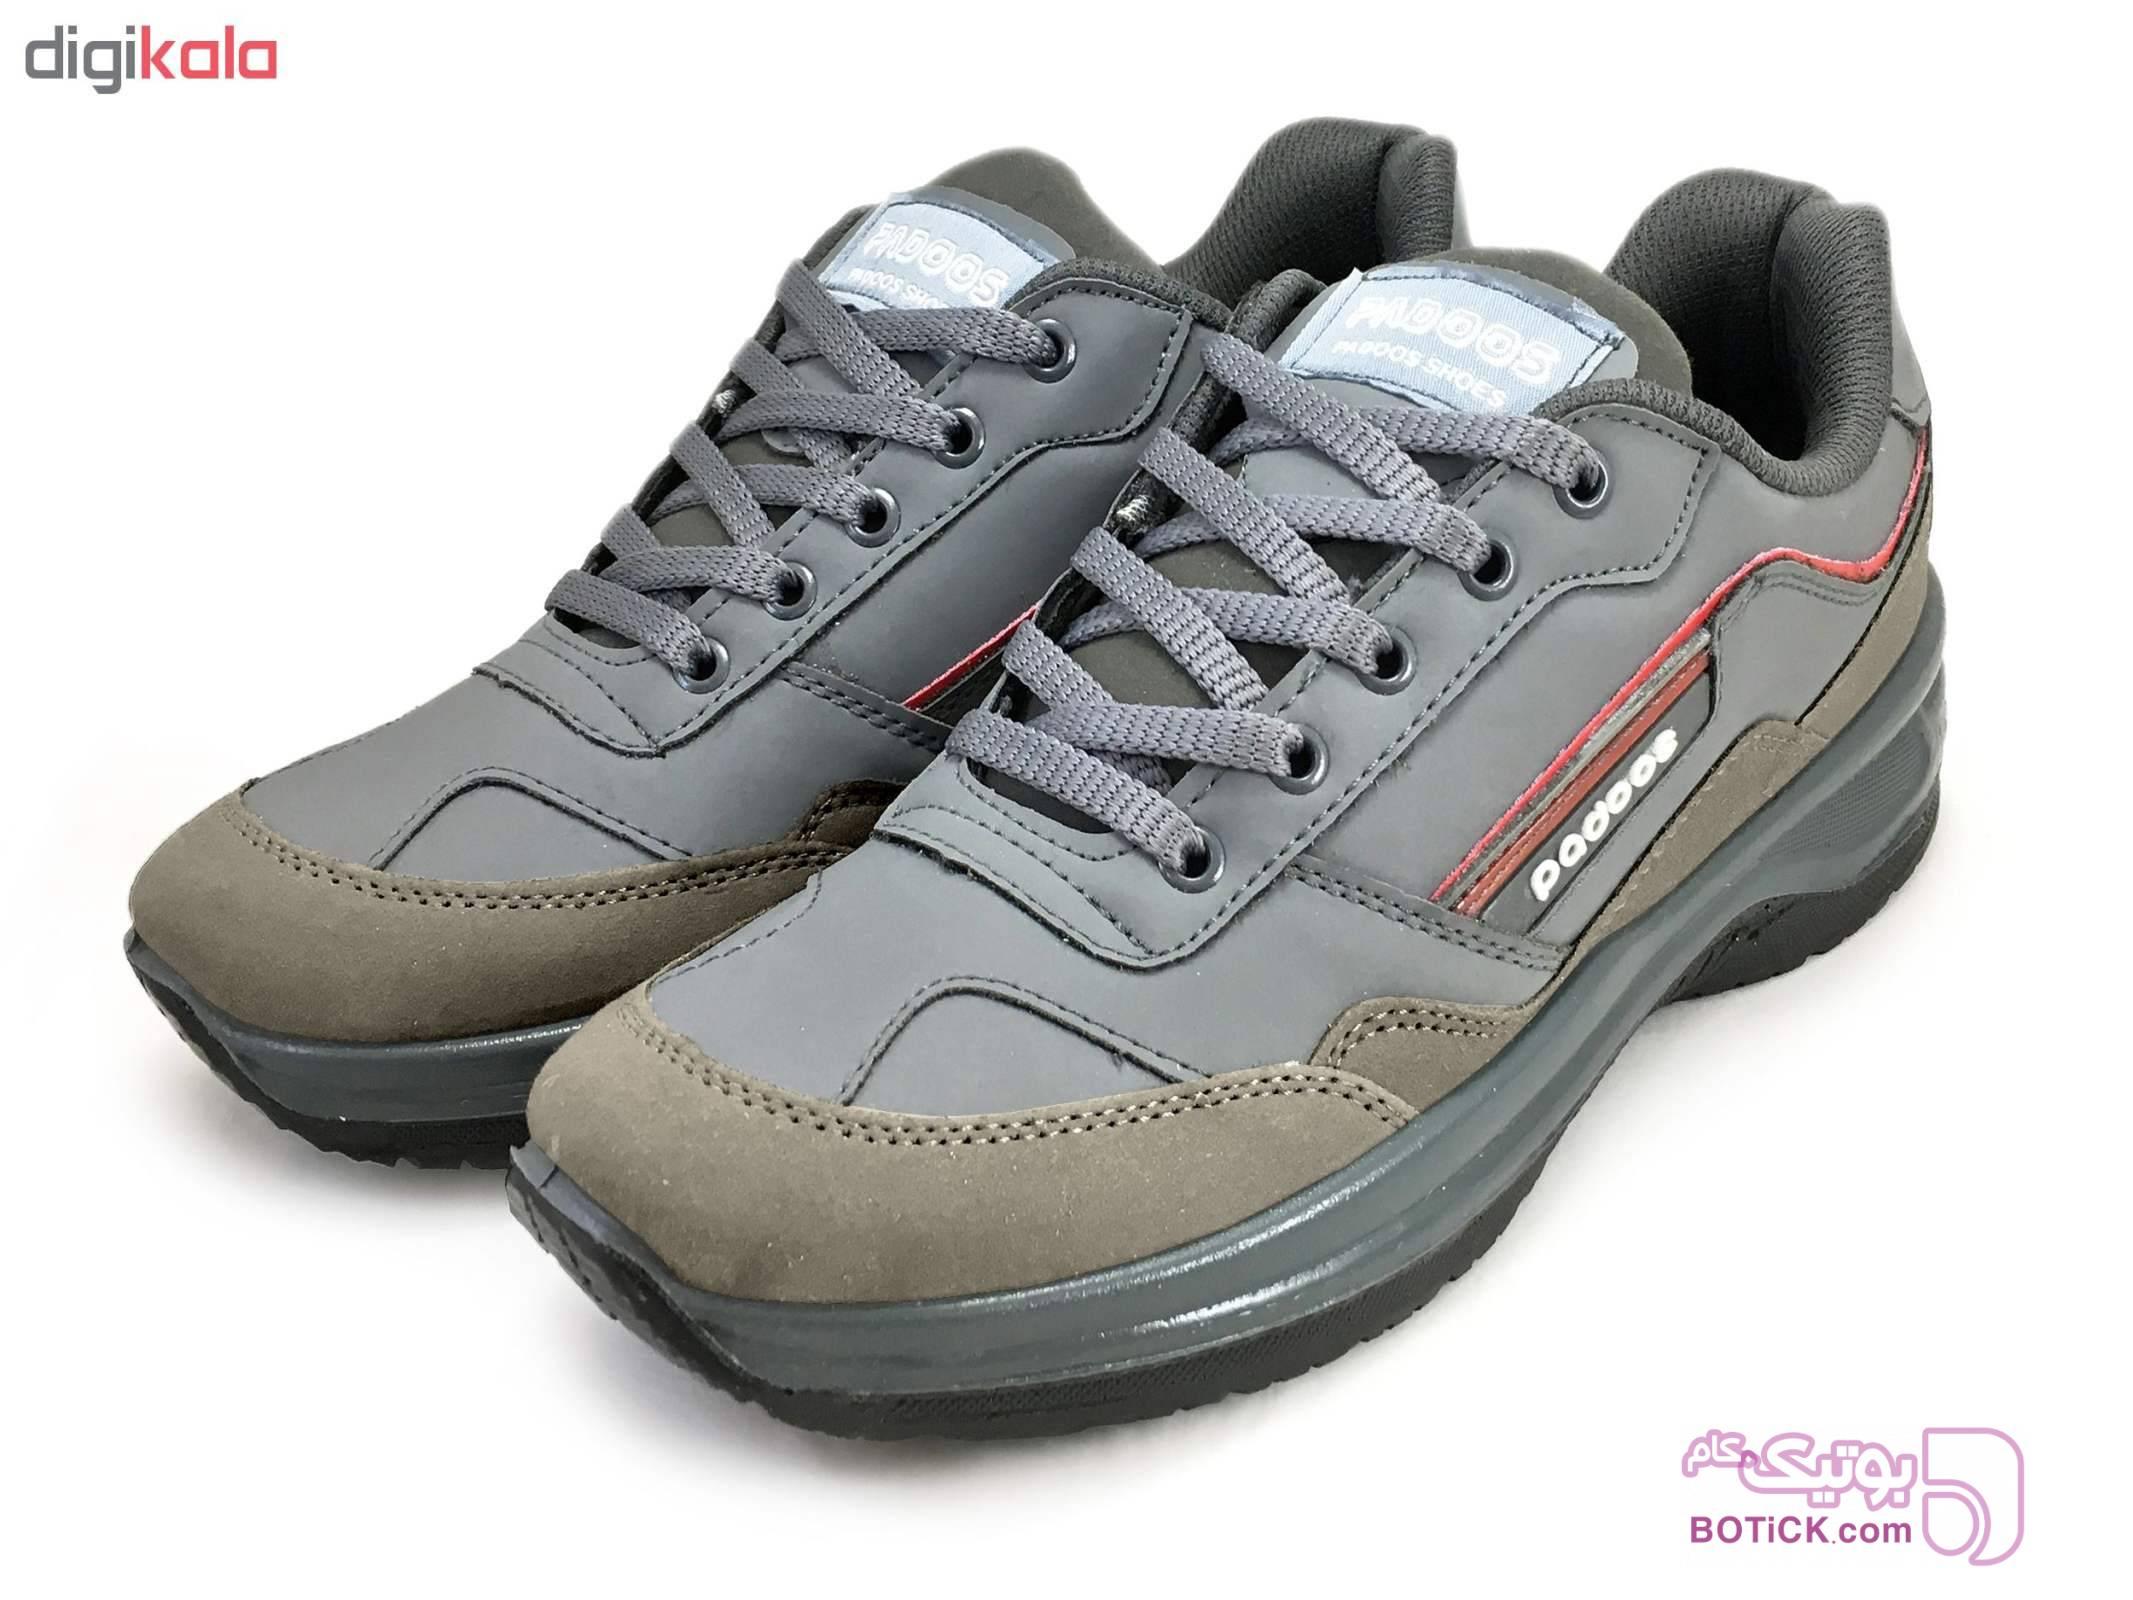 کفش مخصوص پیاده روی مردانه کد 3872 مشکی كتانی مردانه